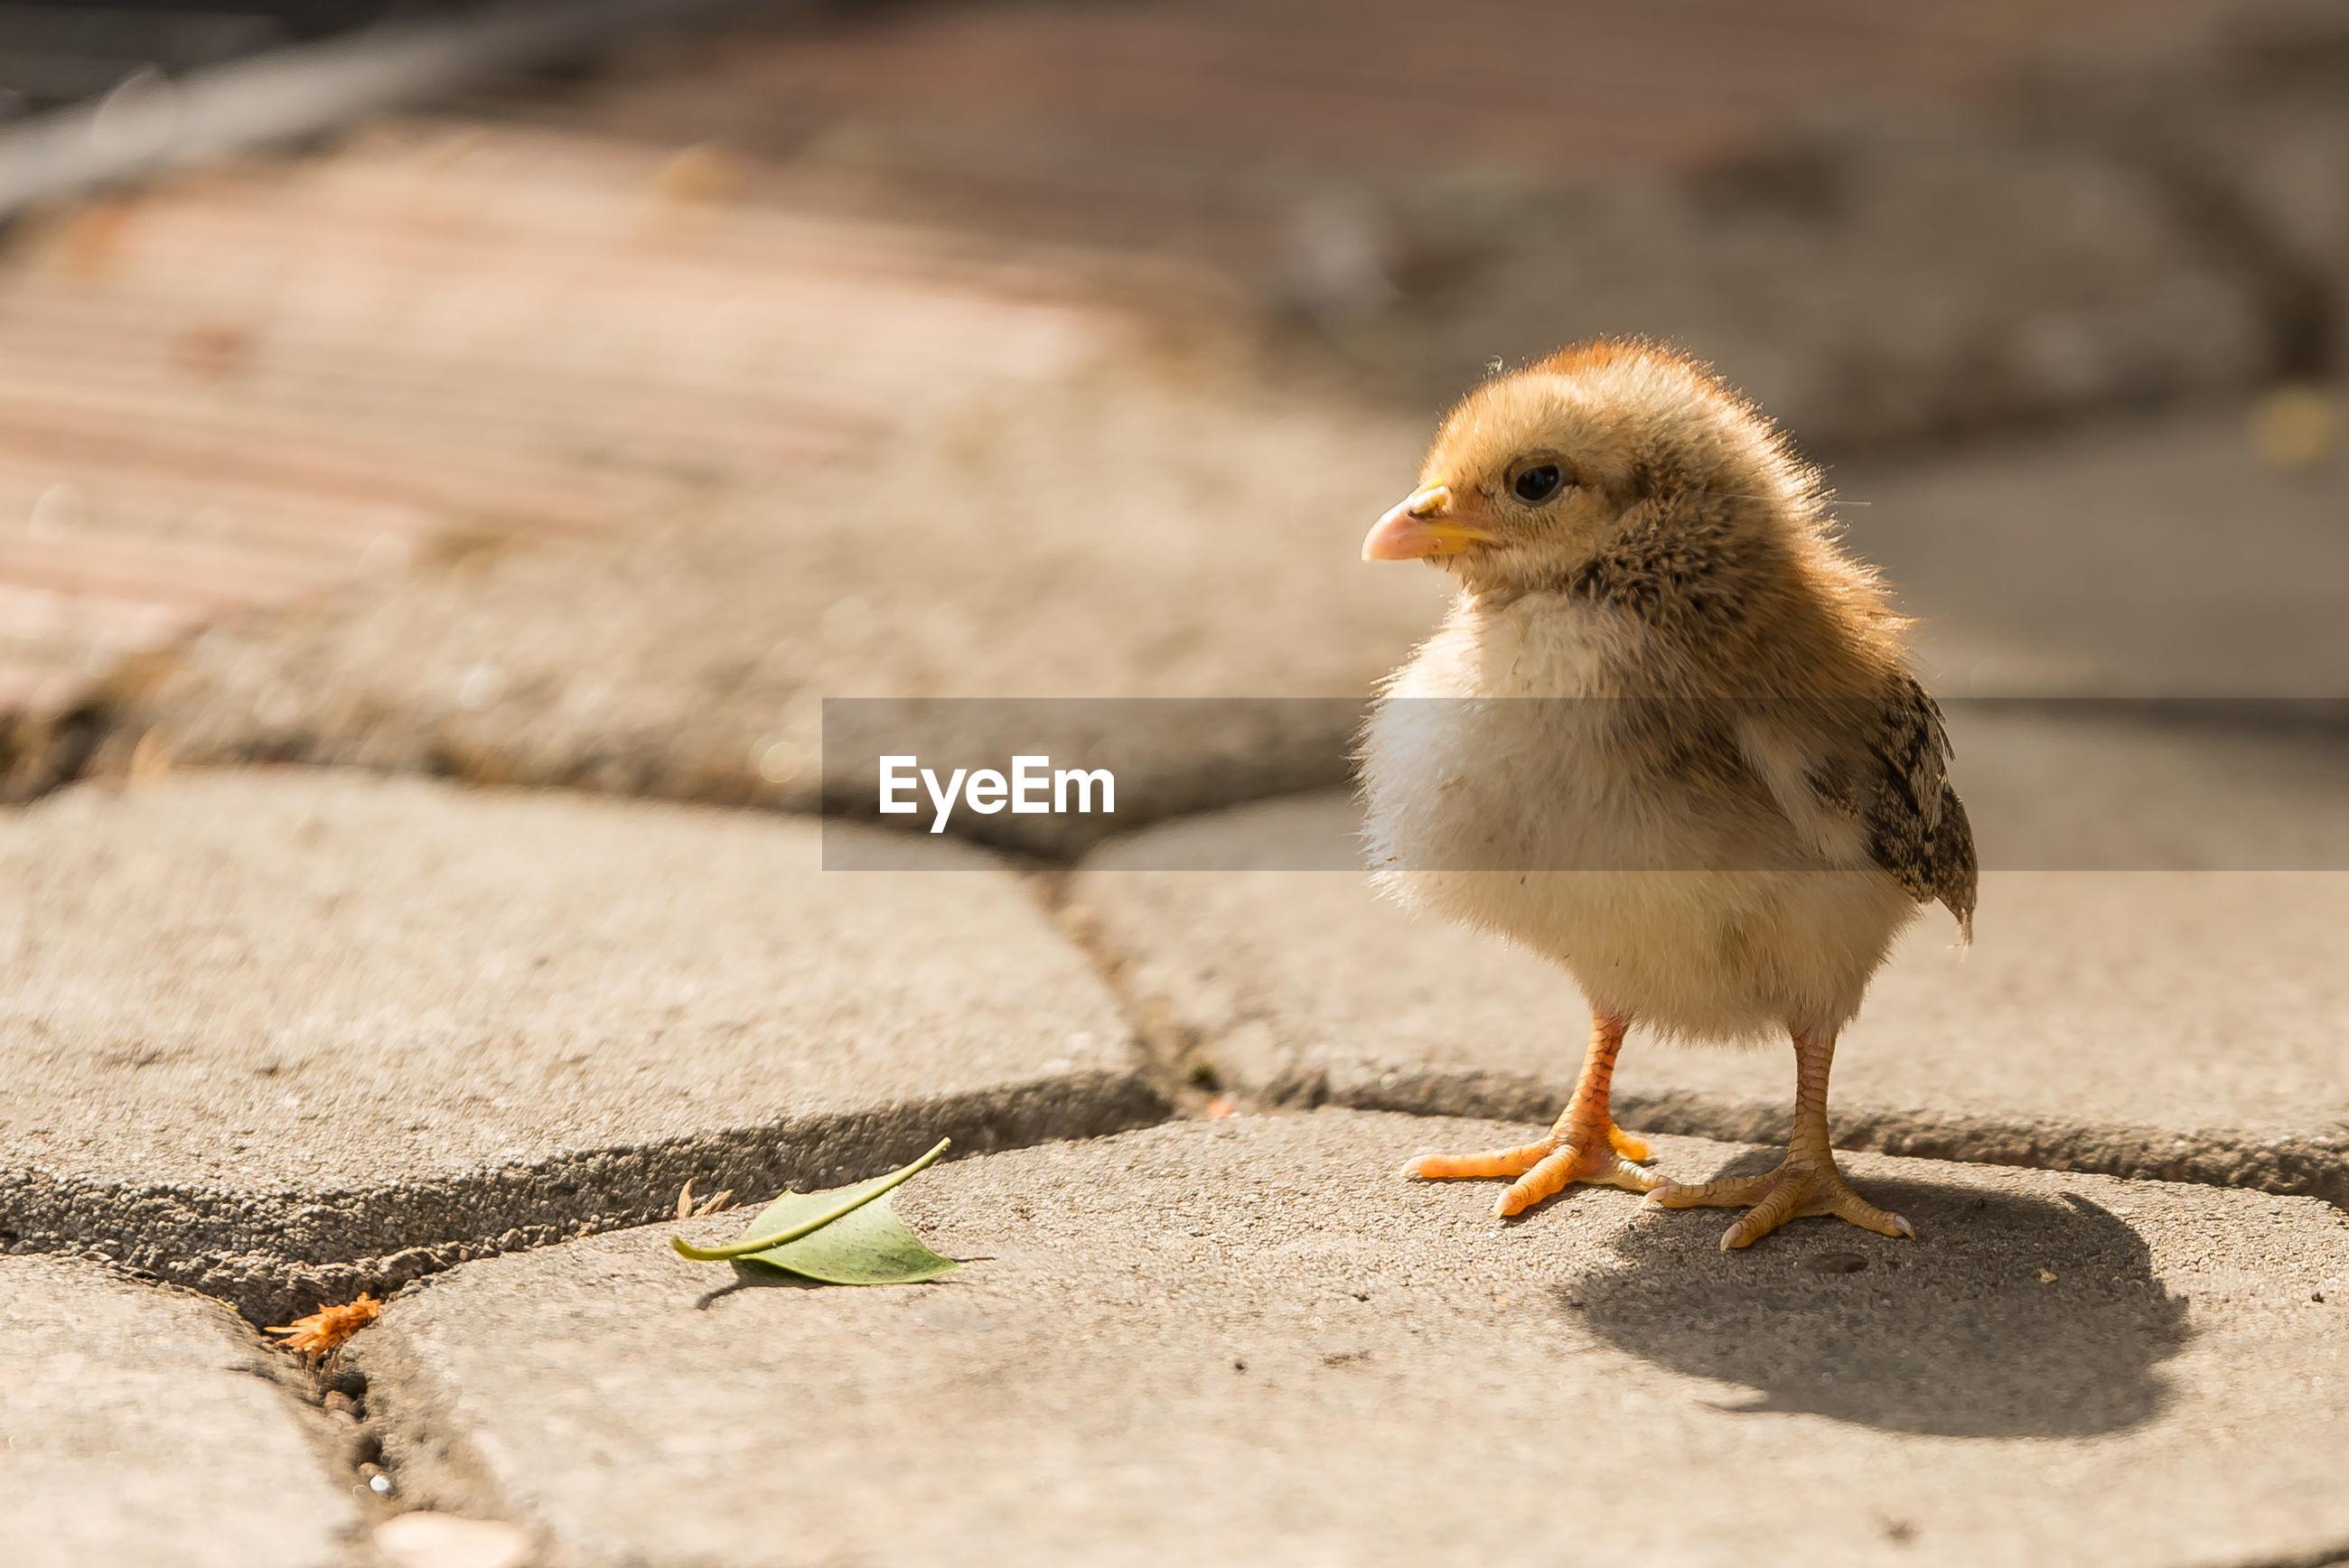 Close-up of young bird